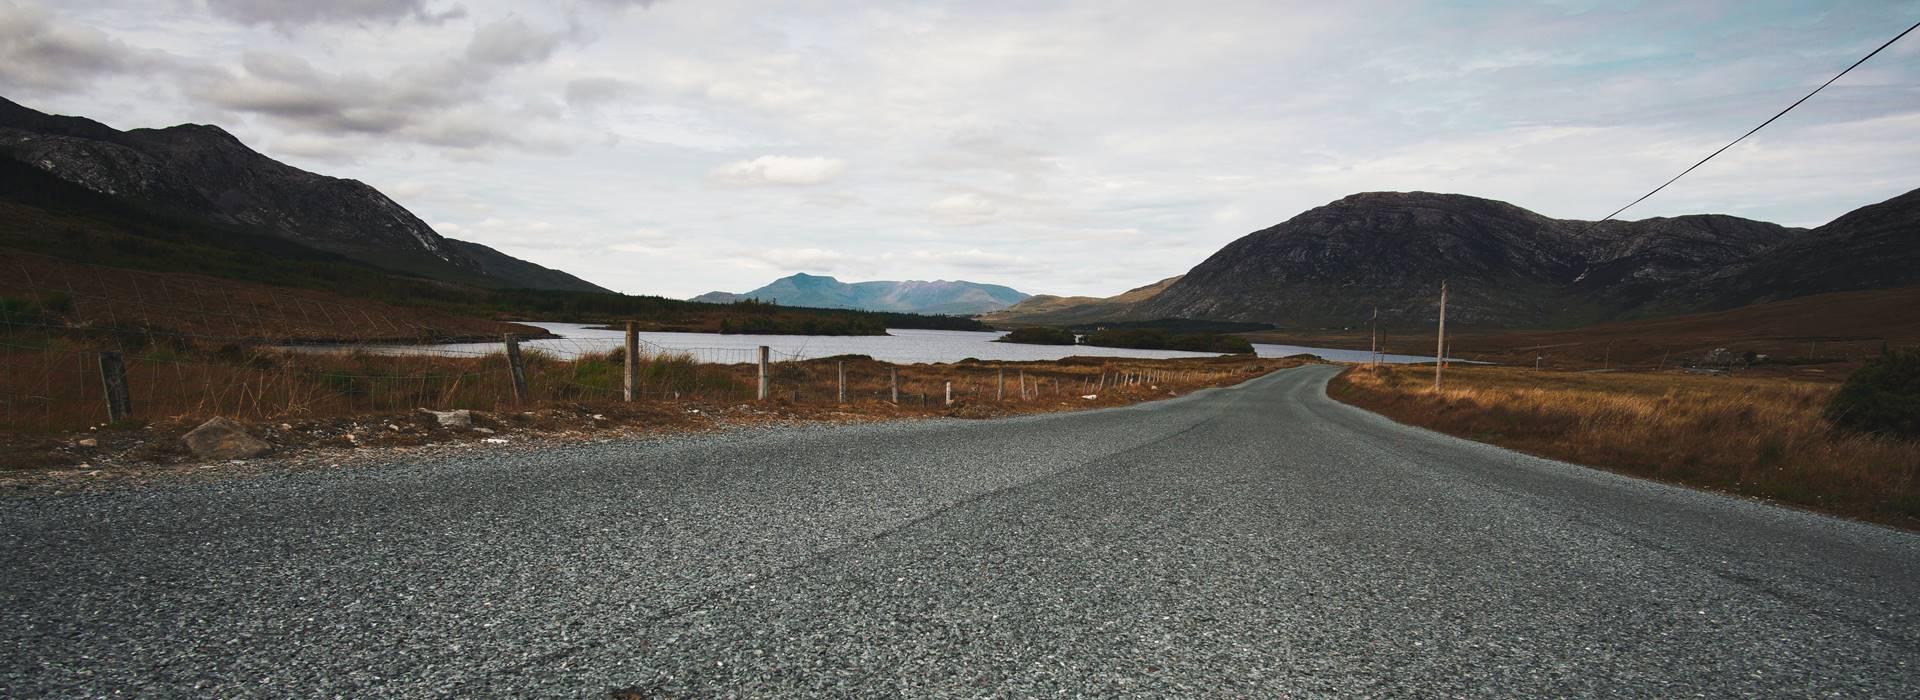 Мониторинг дорожного покрытия: влияние климата на безопасность